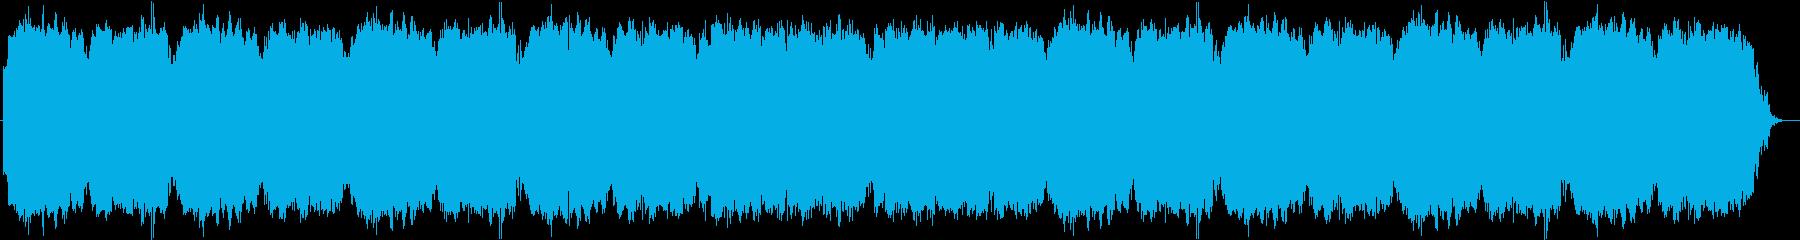 二胡(中国の民族楽器)を使用したBGMの再生済みの波形